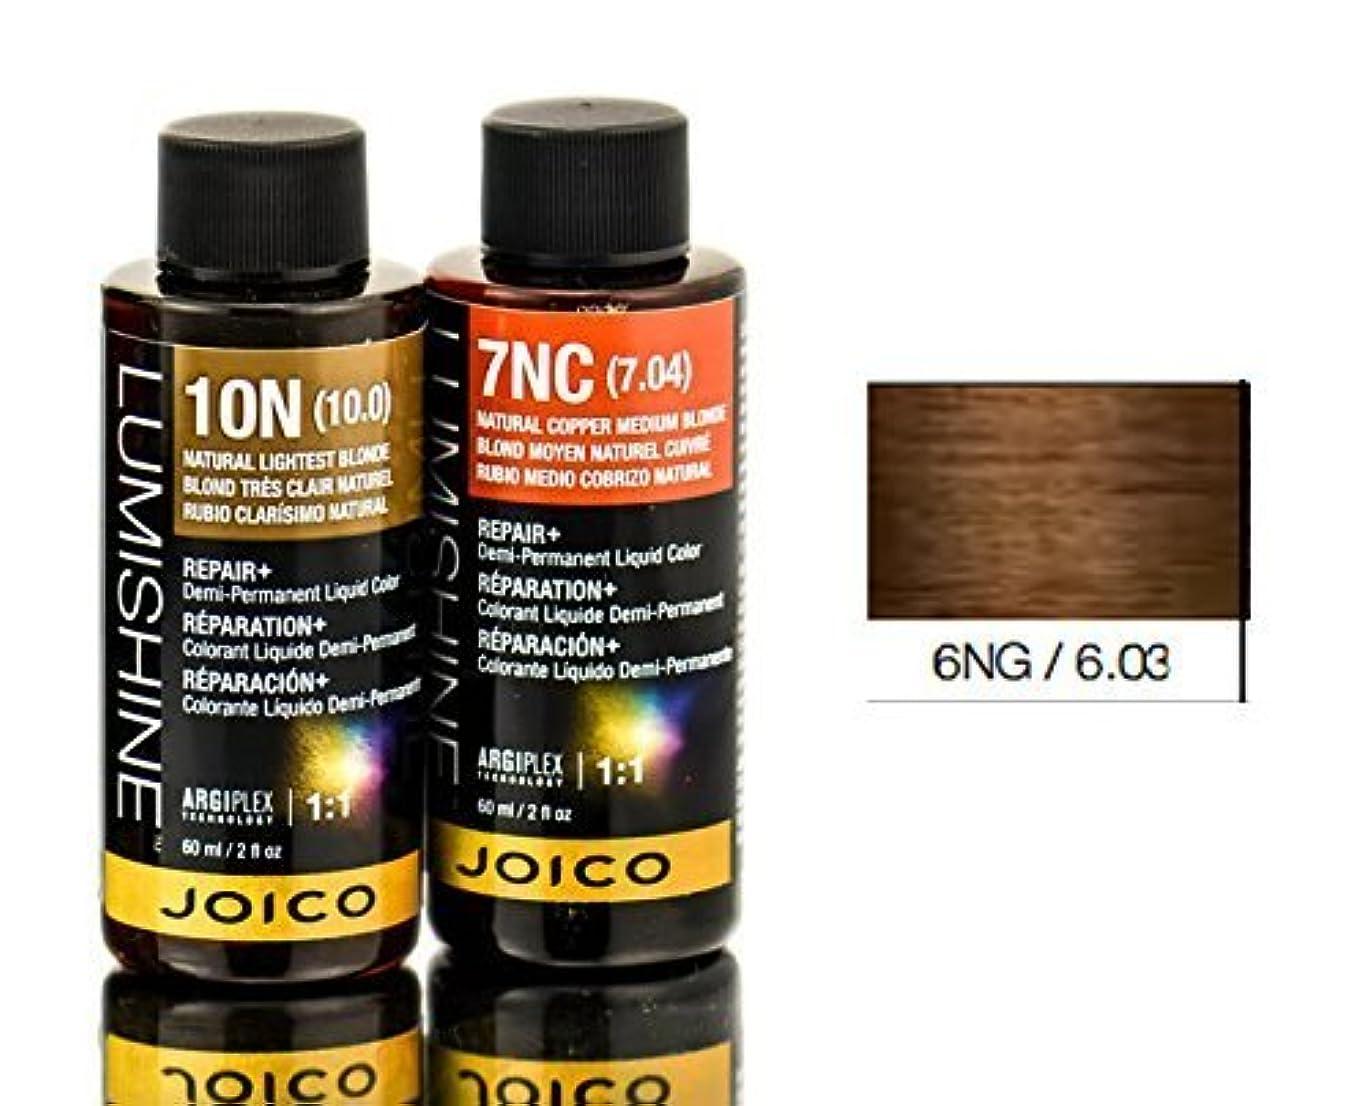 正確に詳細な確認するJoico Lumishineデミパーマネント液体色、6ng / 6.03、 2オンス